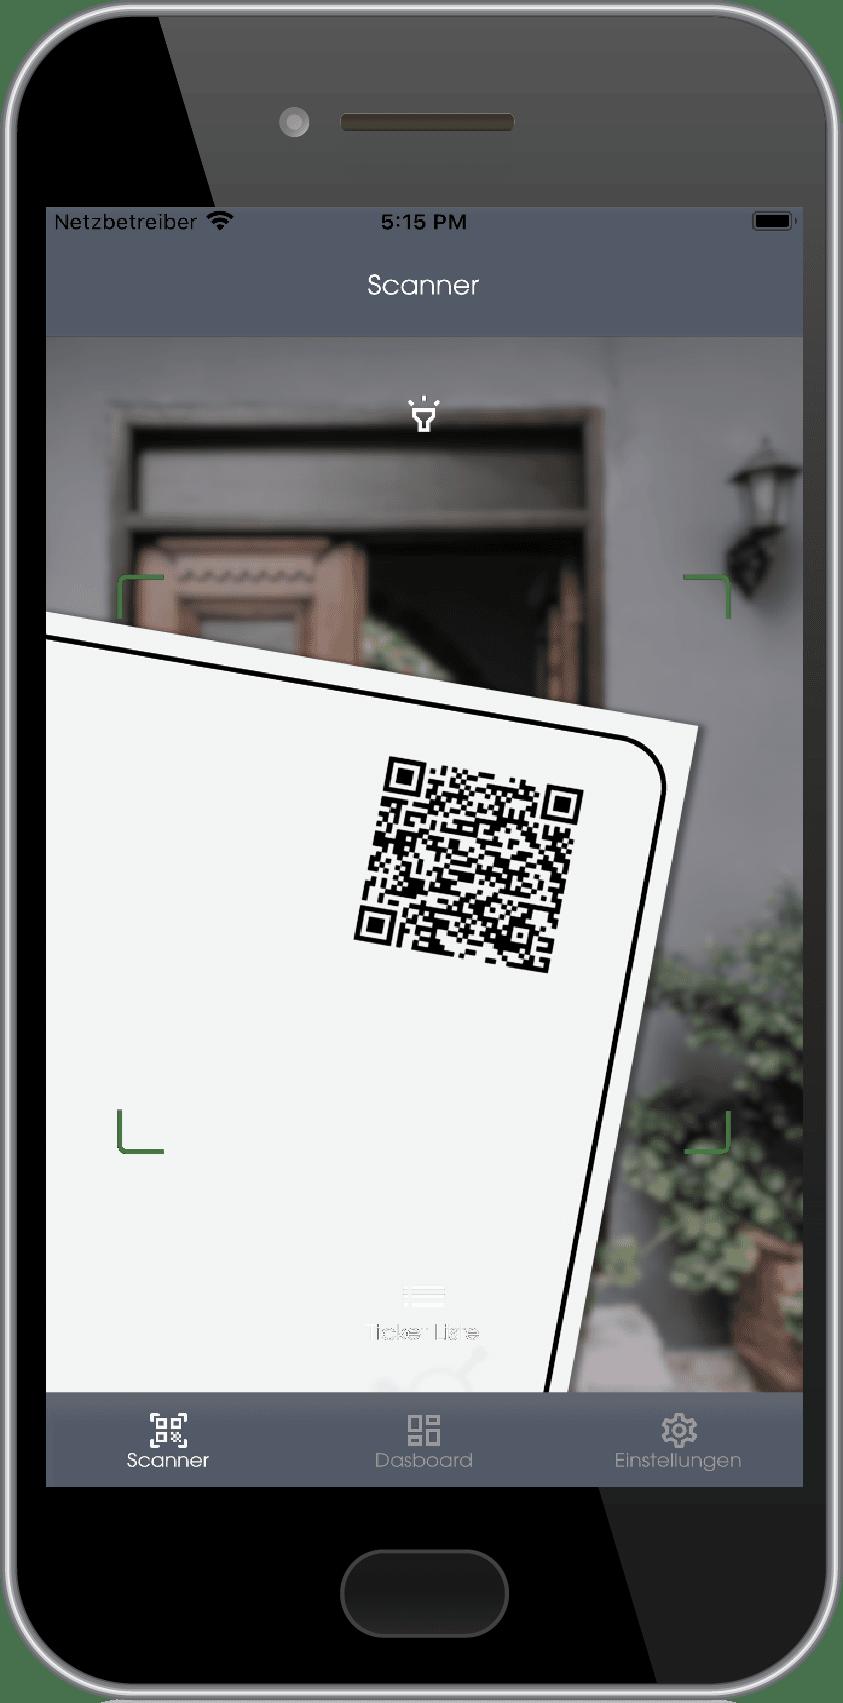 Ein Smartphone-Bildschirm zeigt die Connfair Admin App, mit der der QR-Code eines Tickets gescannt wird.